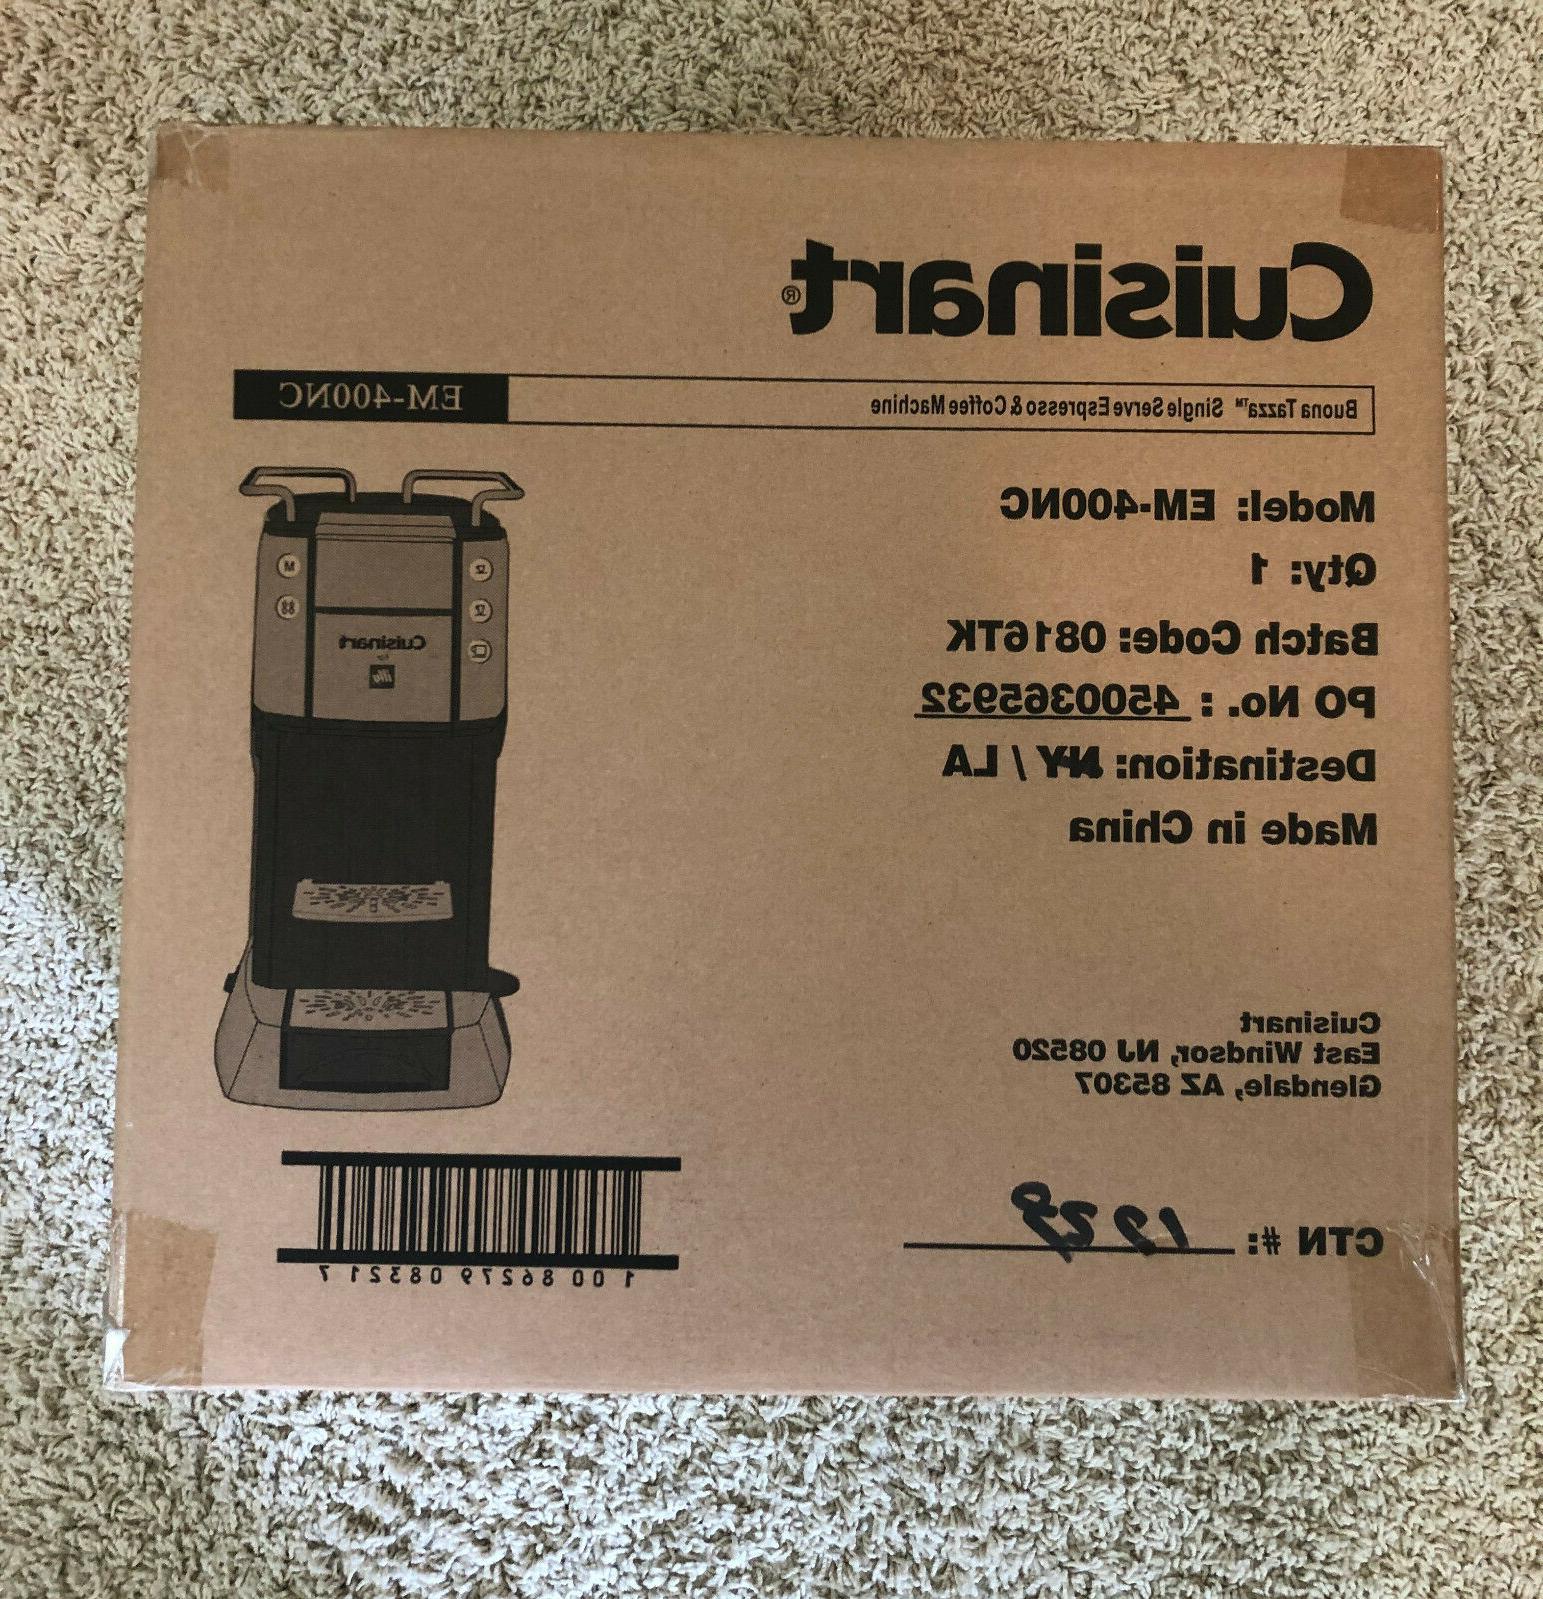 factory sealed brand new em 400 espresso